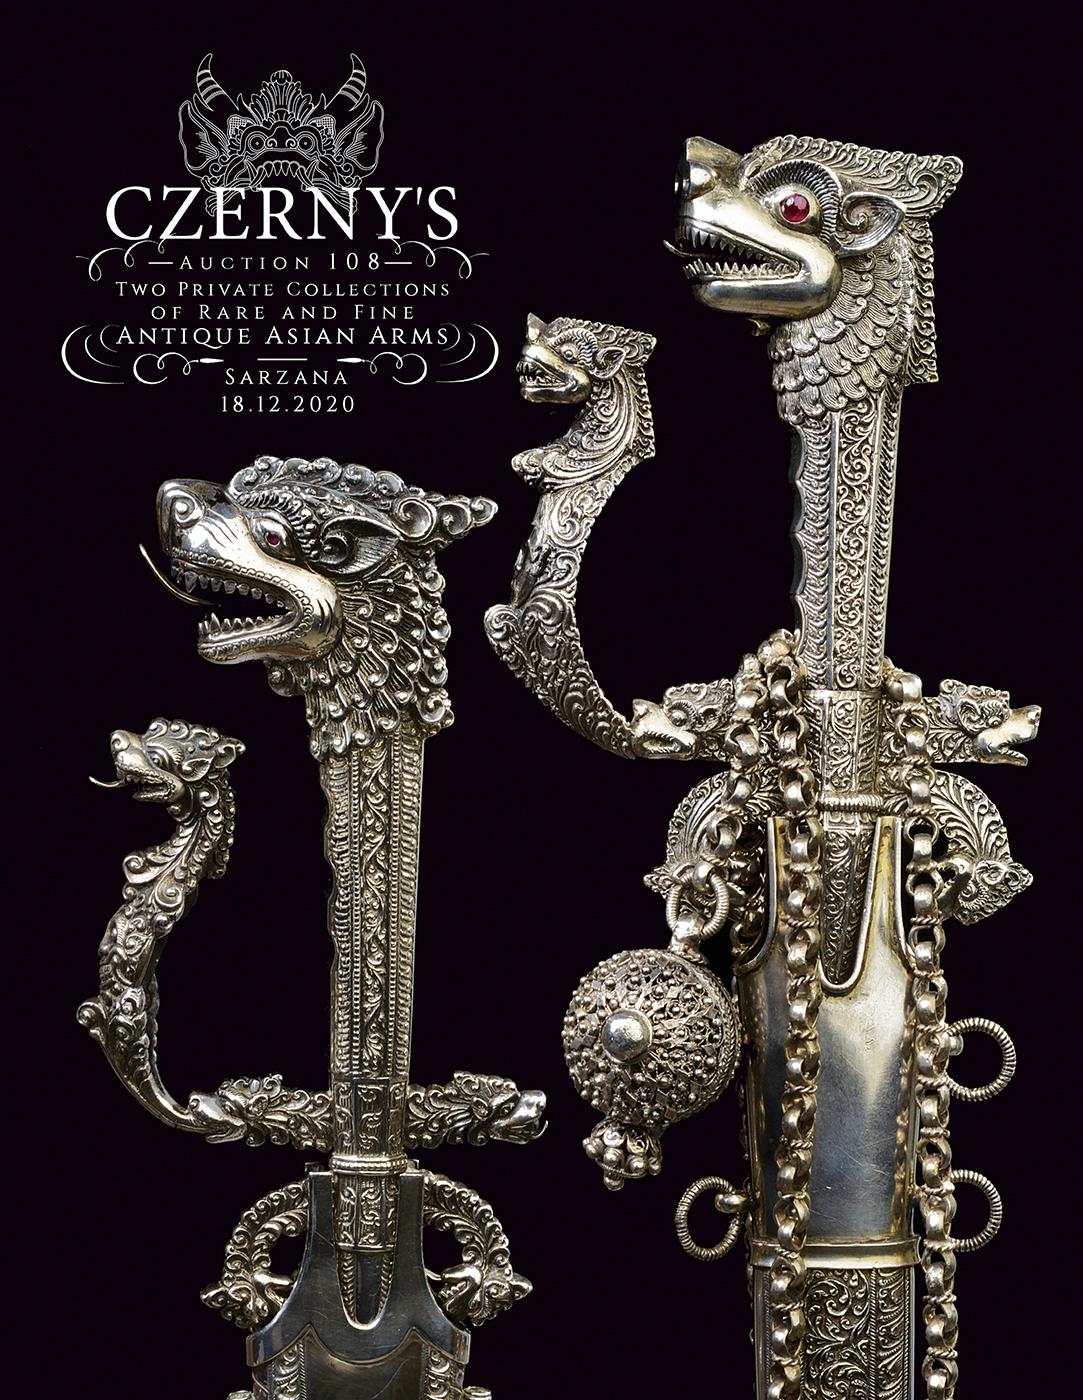 Vente Deux Collections Privées de Rares Armes Asiatiques Anciennes chez Czerny's : 861 lots